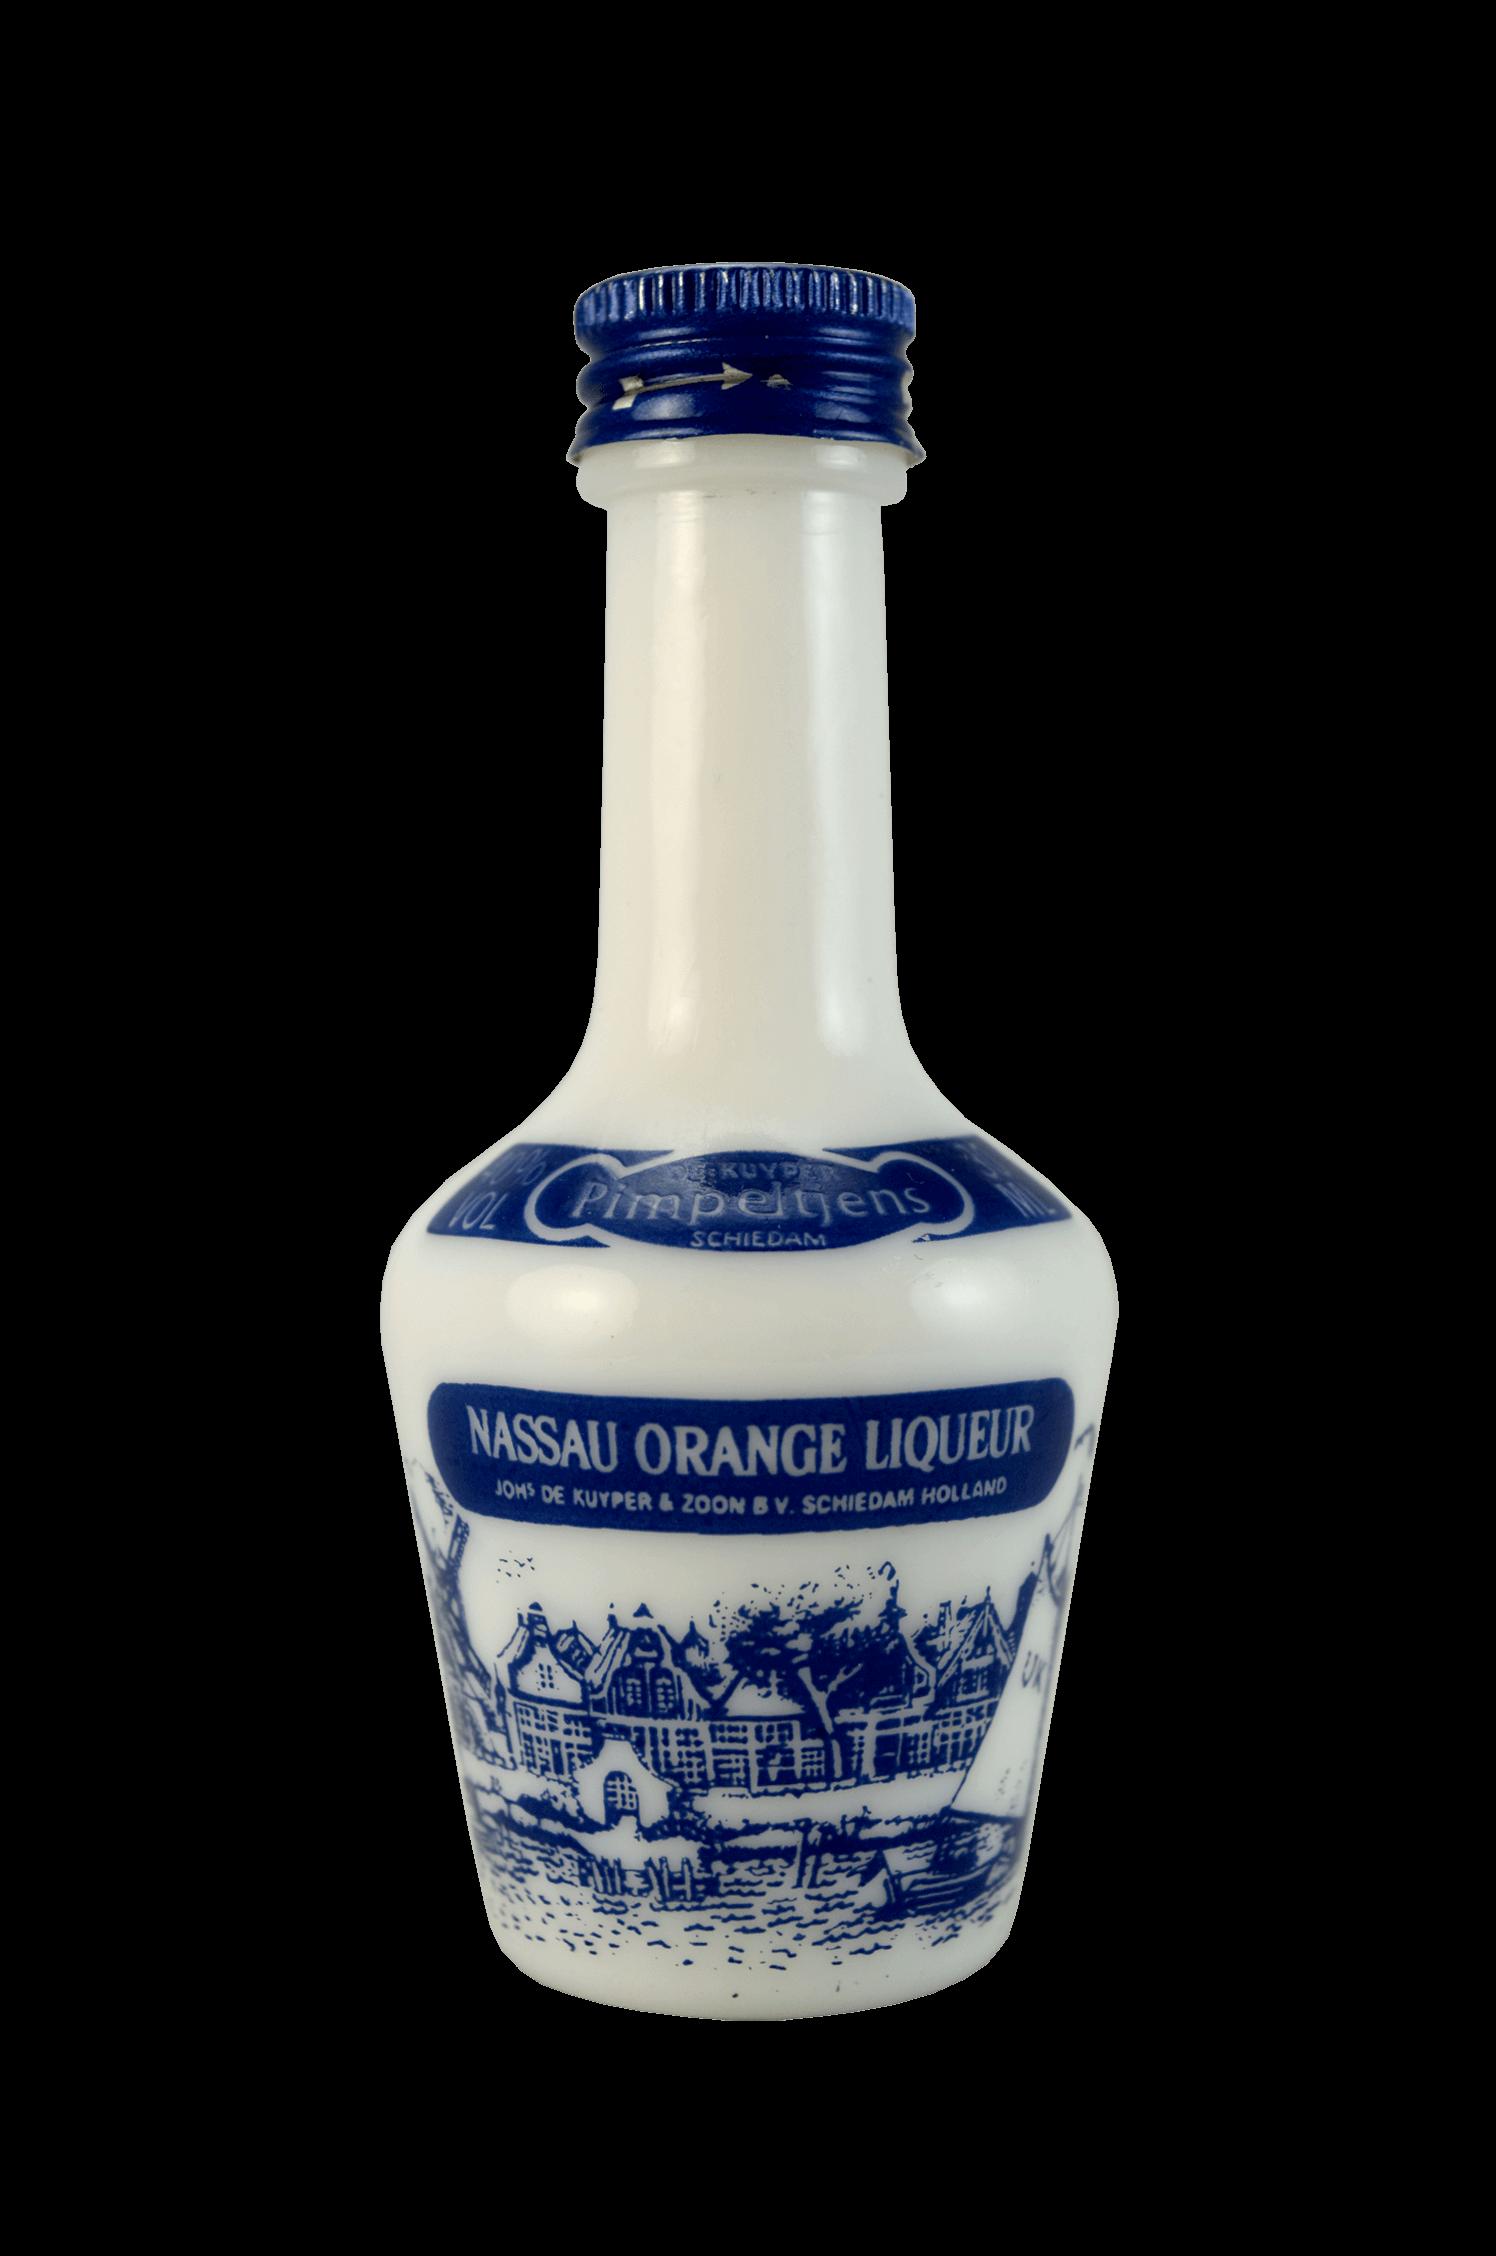 Nassau Orange Liqueur